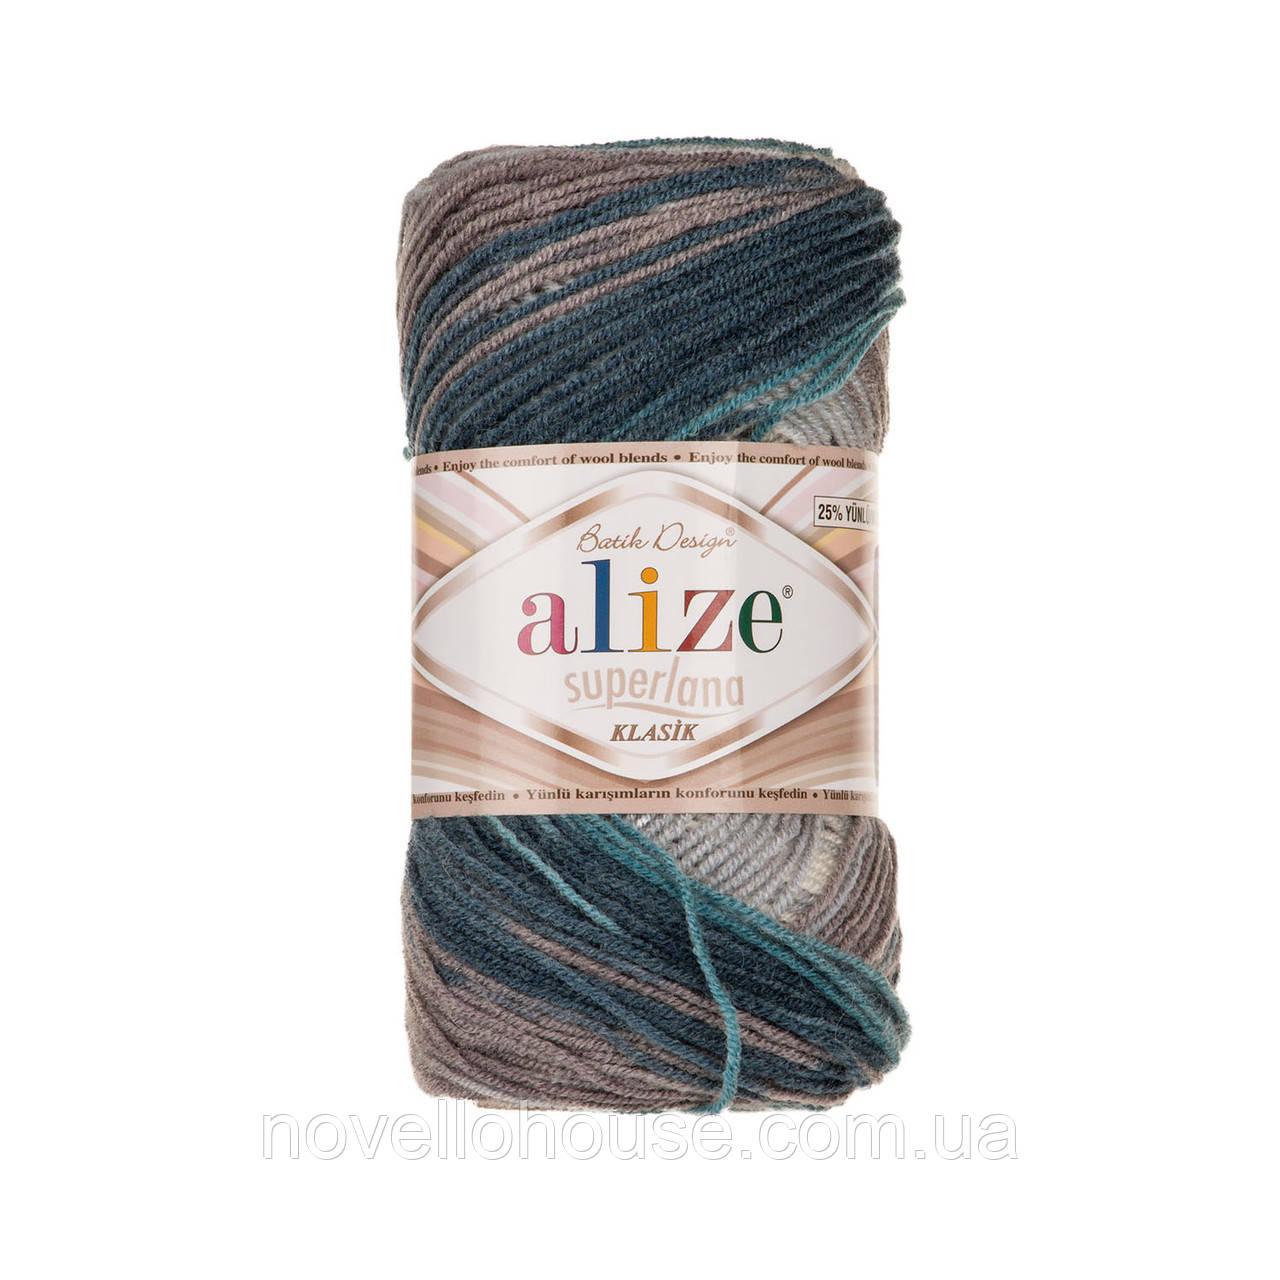 Alize Superlana Klasik Batik №4240: купить пряжу оптом и в